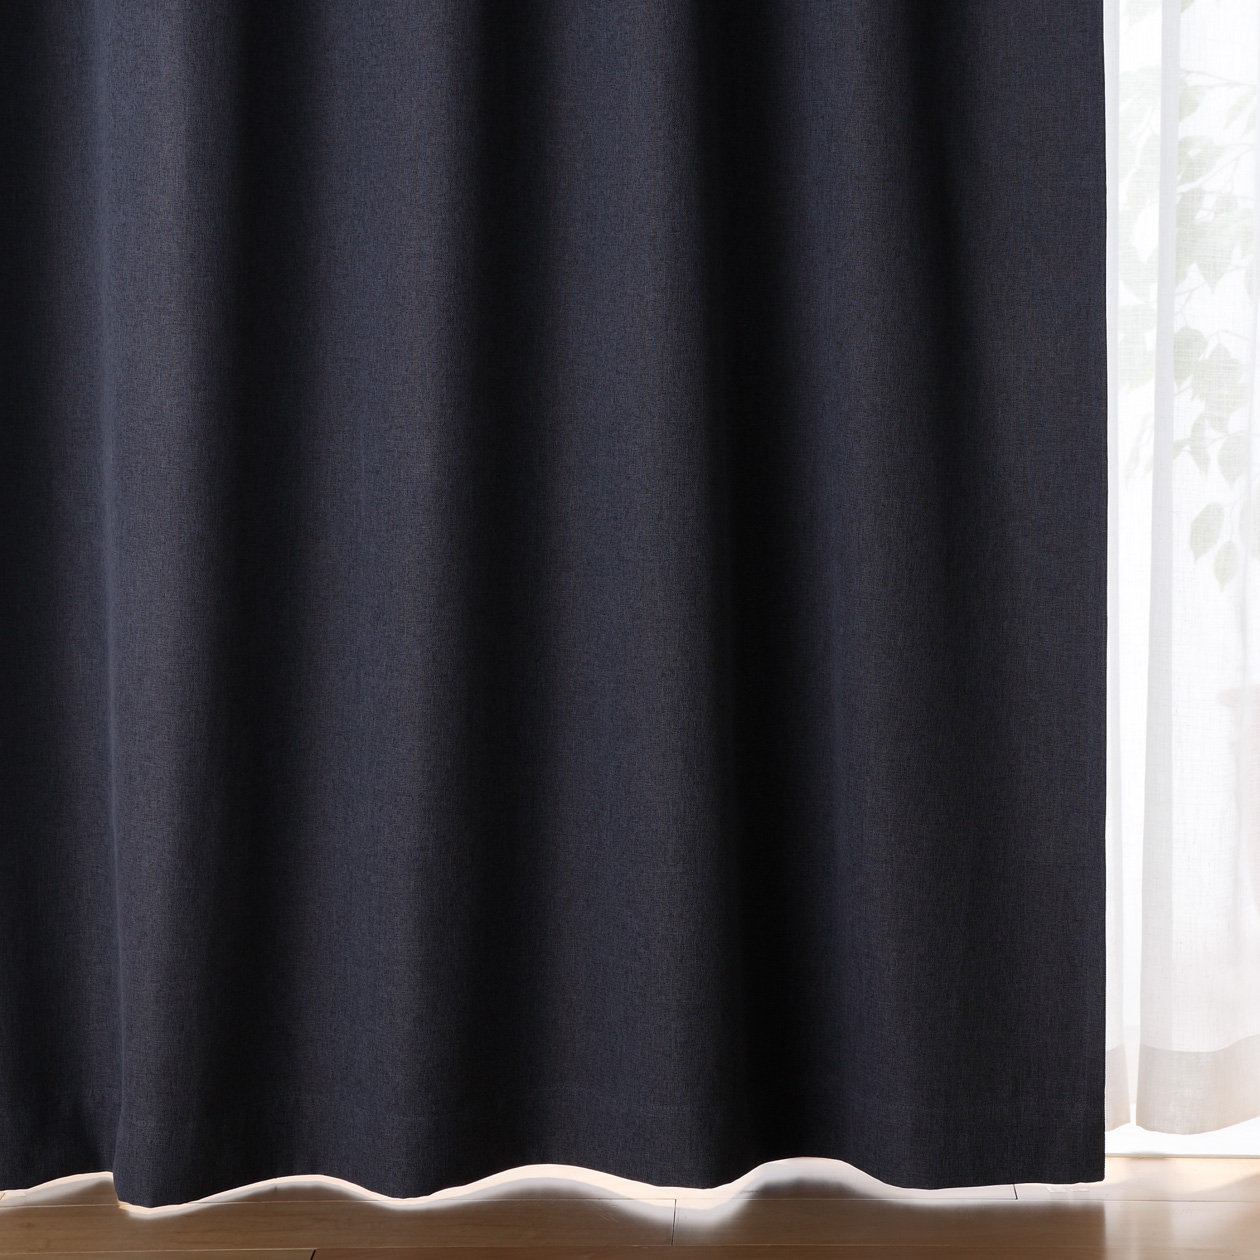 ポリエステルドビー織(防炎・遮光性)プリーツカーテン/ベージュ 幅100×丈200cm/ダークブルー